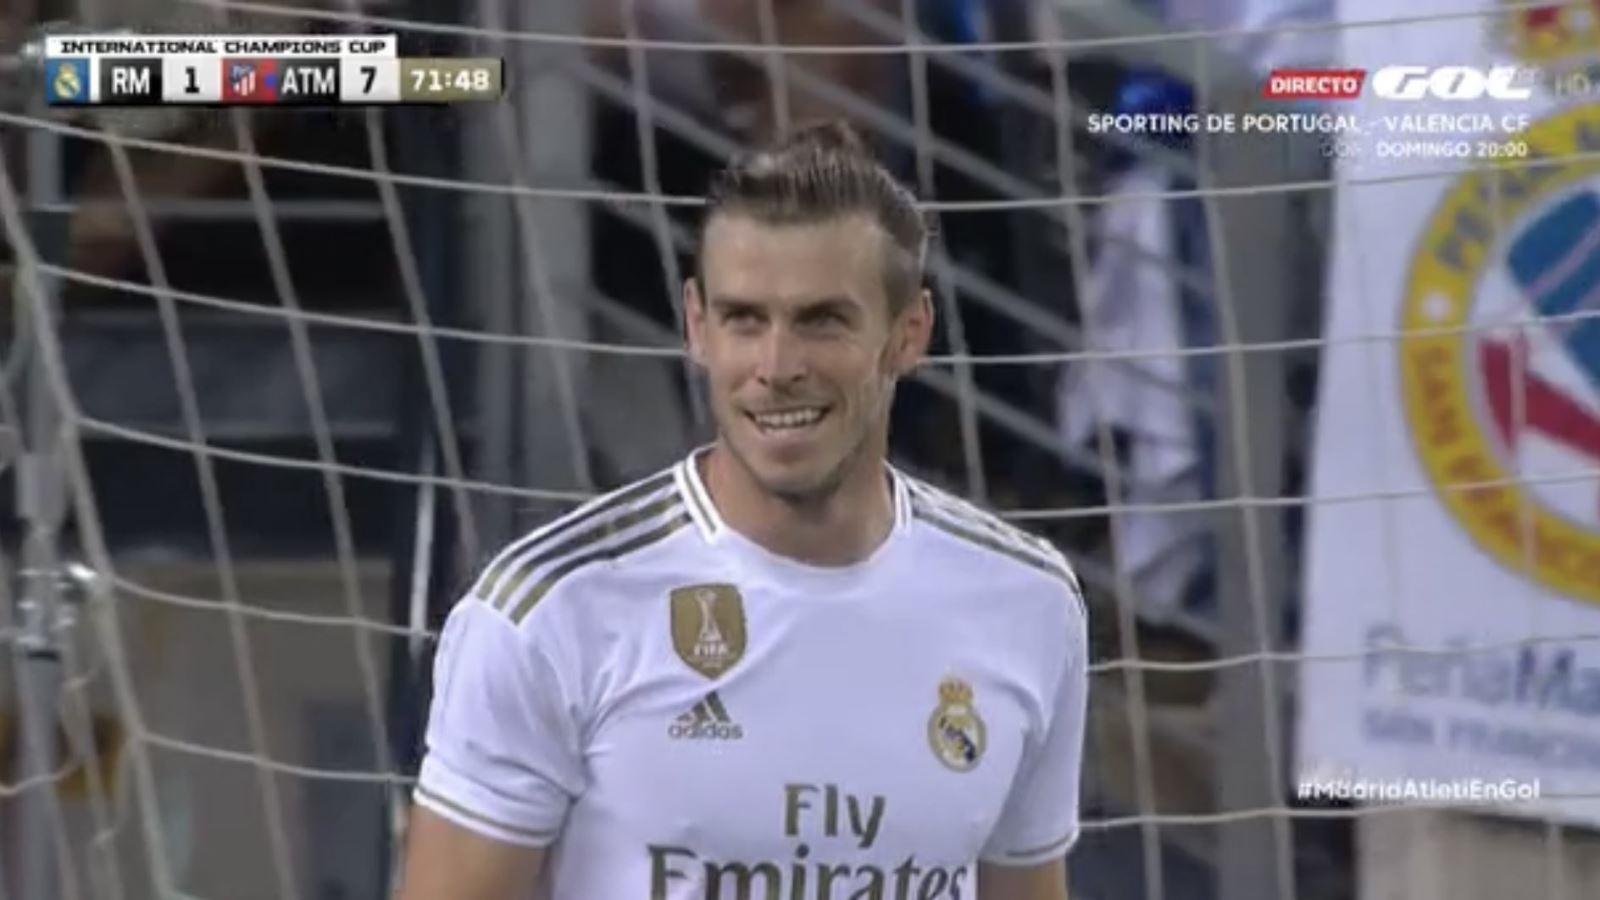 Real, chuyển nhượng Real, Real Madrid, chuyển nhượng Real Madrid, Real Madrid vs Atletico, Real Madrid 3-7 Atletico, Gareth Bale cười đùa, Bale tới Trung Quốc, Bale